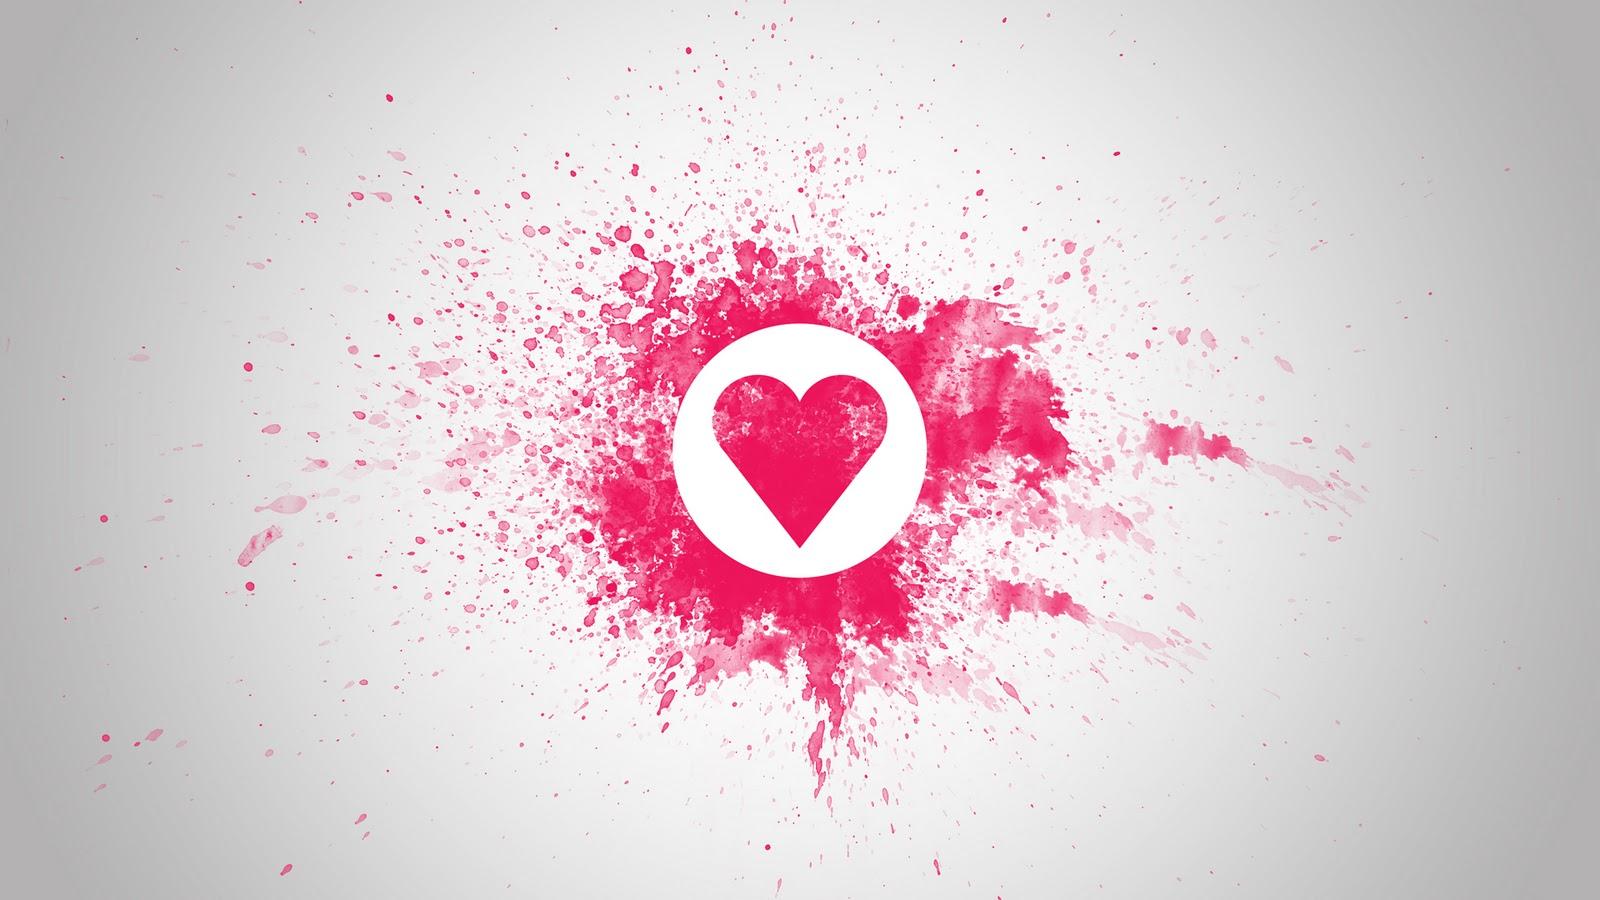 Love Heart Wallpaper Hd Wallpapertag: Love Heart Pink 1600x900 HD Wallpaper